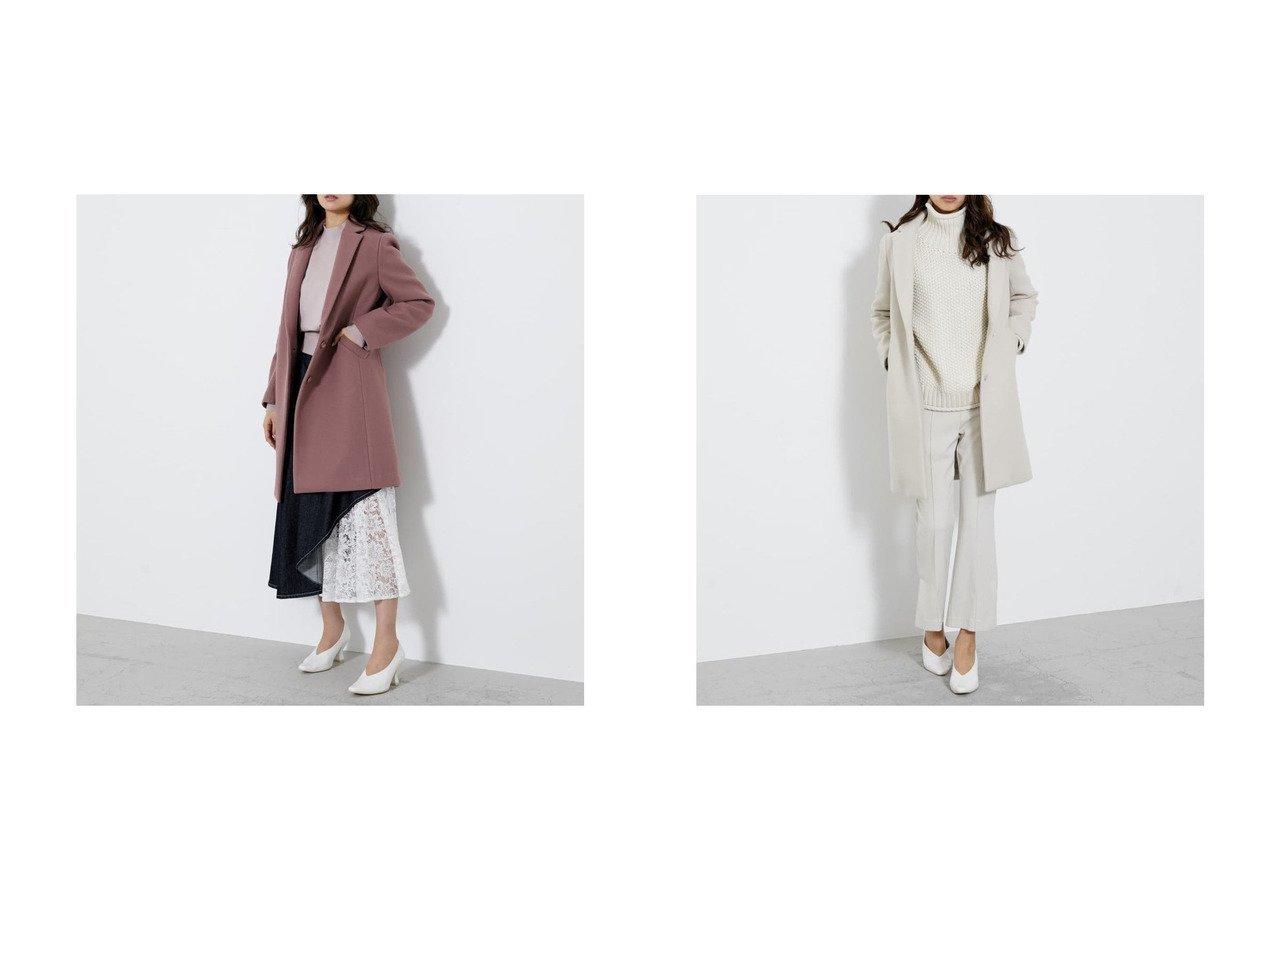 【rienda/リエンダ】のテーラードウールライクJK PNK&テーラードウールライクJK SLYのおすすめ!人気、トレンド・レディースファッションの通販 おすすめで人気の流行・トレンド、ファッションの通販商品 メンズファッション・キッズファッション・インテリア・家具・レディースファッション・服の通販 founy(ファニー) https://founy.com/ ファッション Fashion レディースファッション WOMEN アクリル 春 Spring テーラード パターン 2021年 2021 S/S 春夏 SS Spring/Summer 2021 春夏 S/S SS Spring/Summer 2021  ID:crp329100000018476